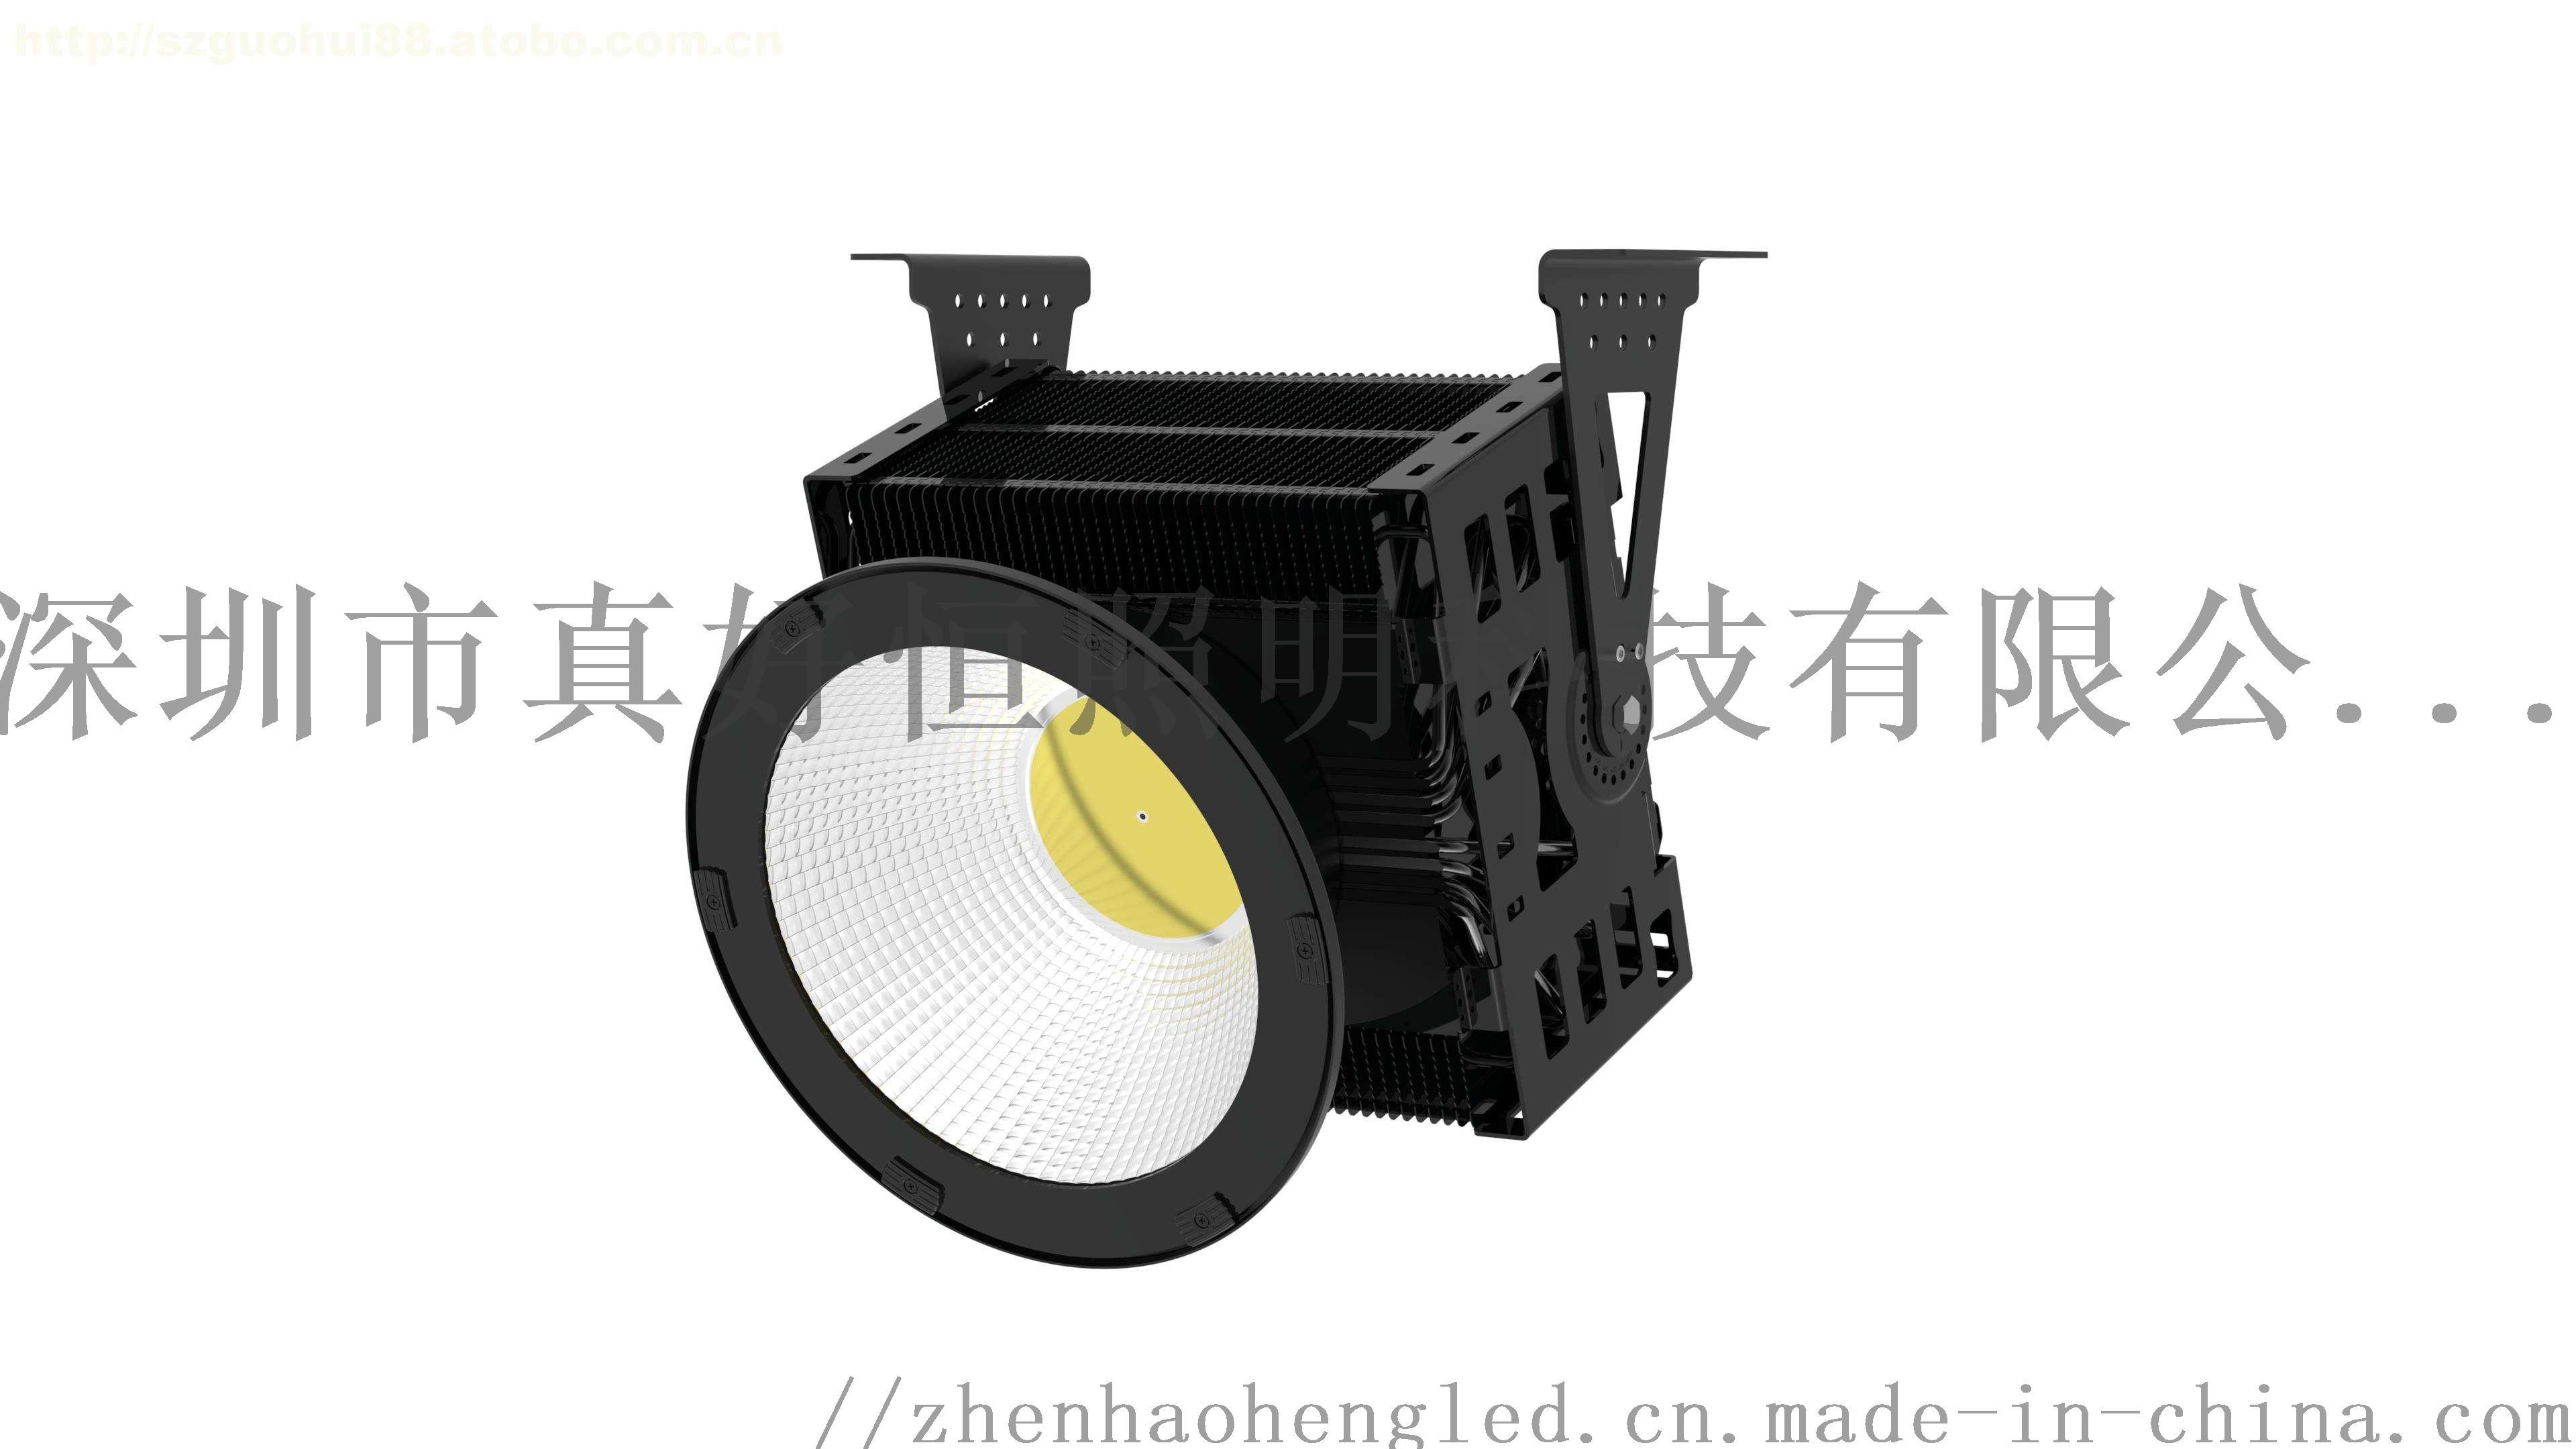 LED塔吊灯好恒照明LED工地灯重庆工程照明灯83940215